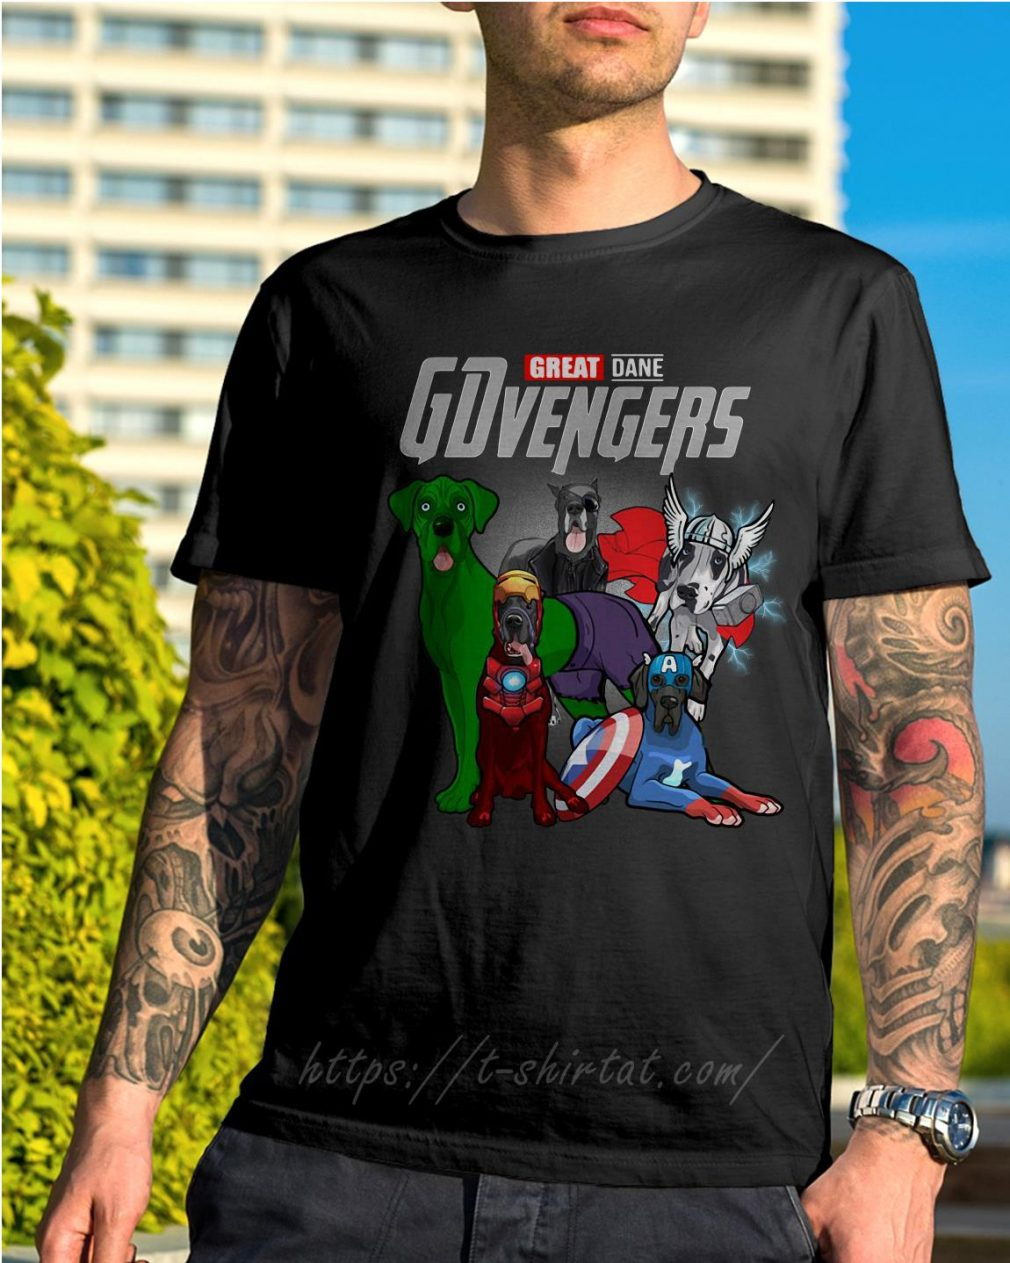 Marvel Great Dane GDvengers shirt